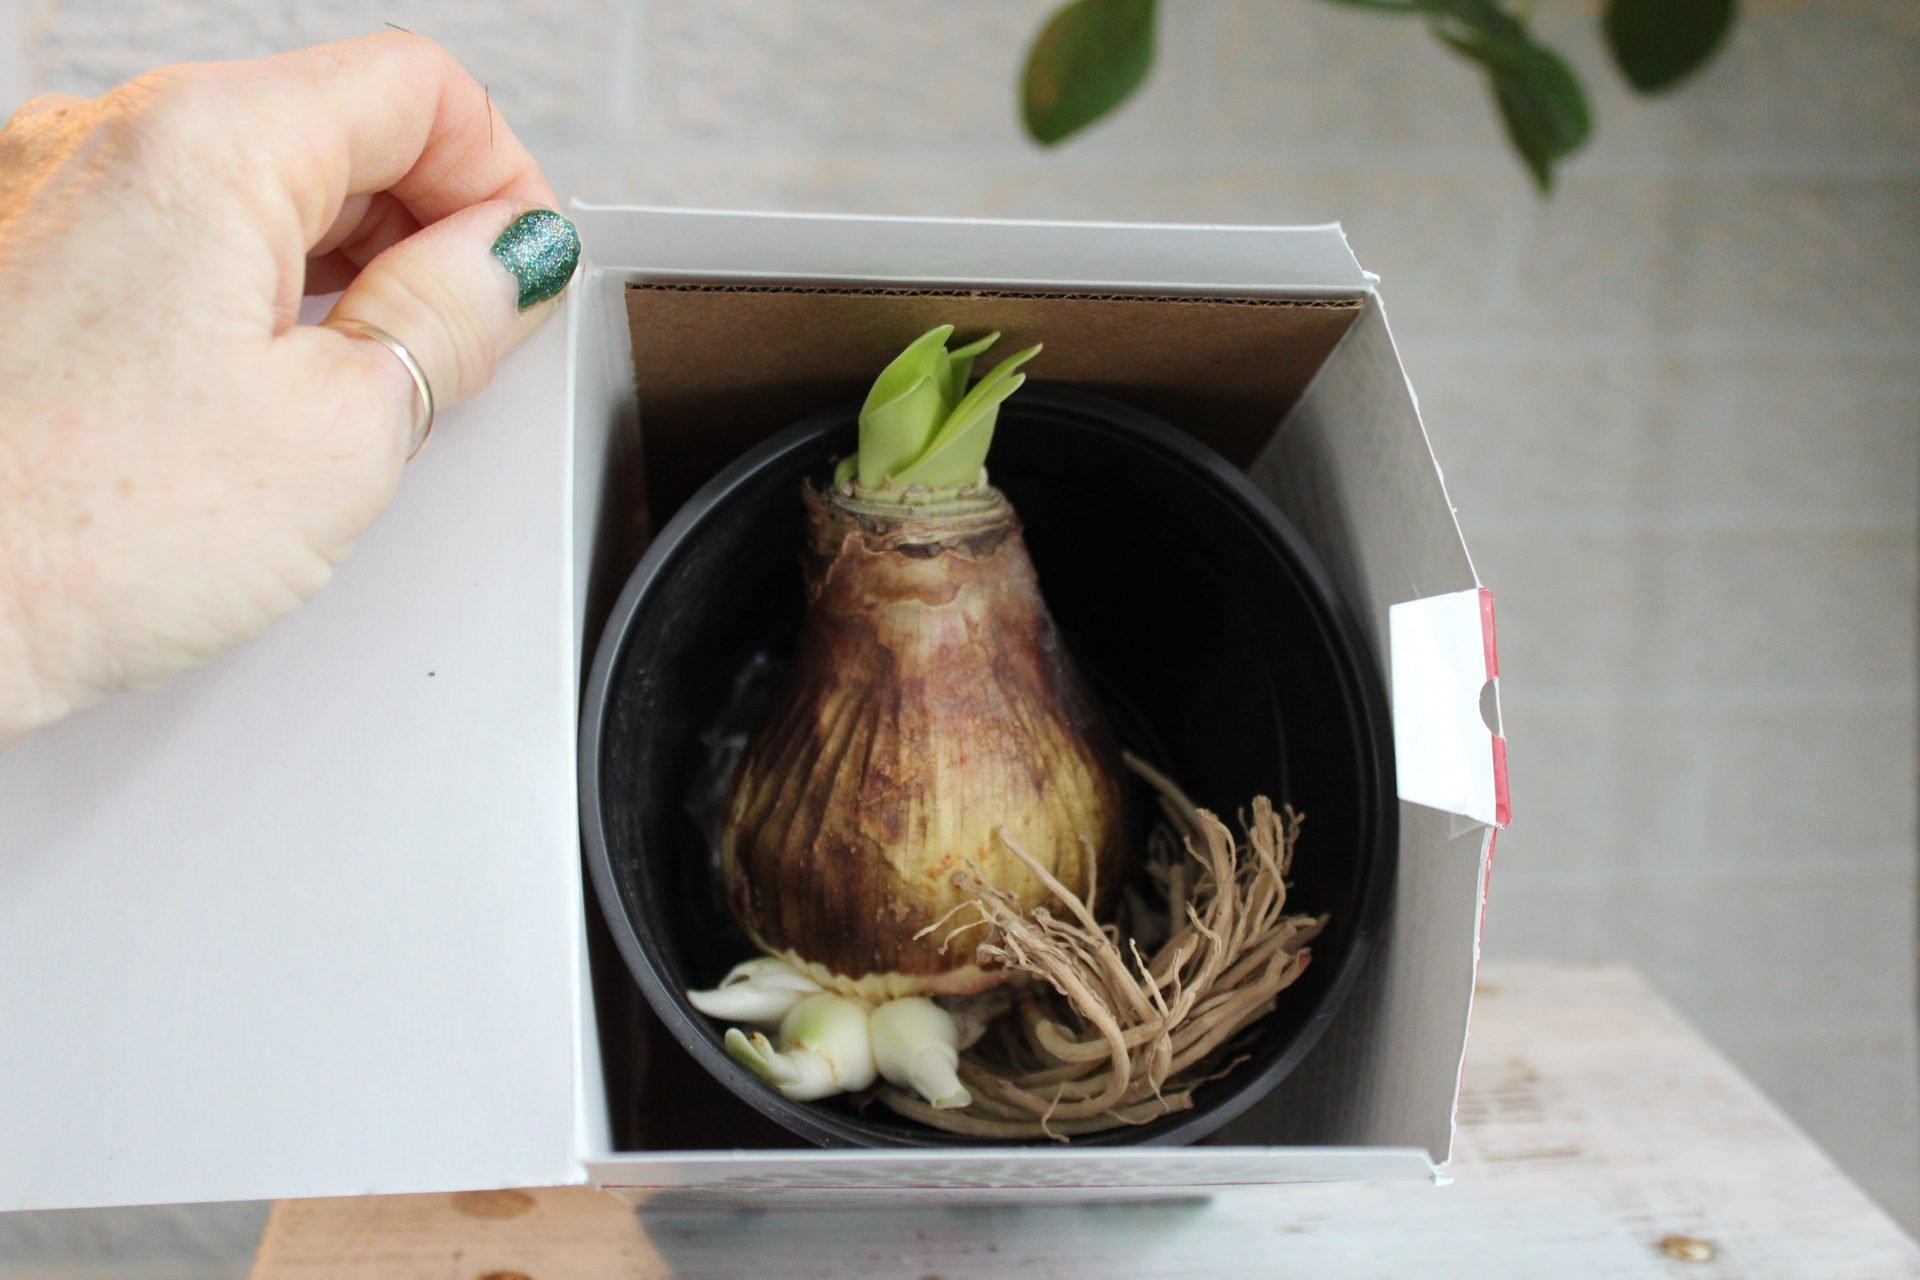 Amaryllis in a box